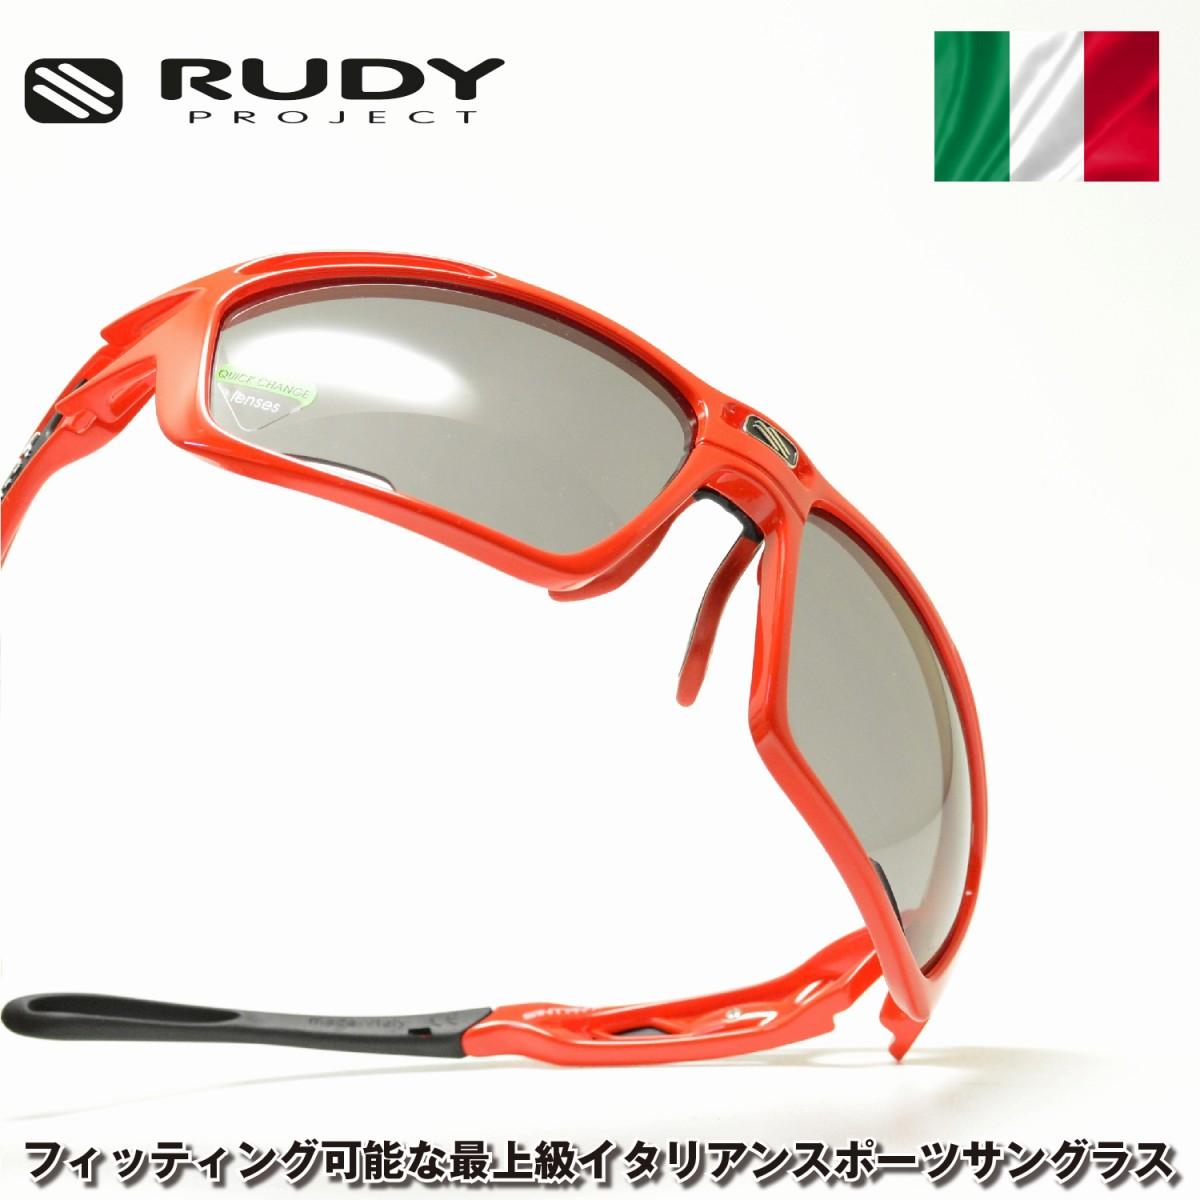 RUDY PROJECT ルディプロジェエクト SINTRYX シントリクス ファイアレッドグロス/スモークサングラス メンズ レディース スポーツ ブランド スポーツサングラス 人気 度付き レンズ 自転車 ロードバイク 偏光 調光